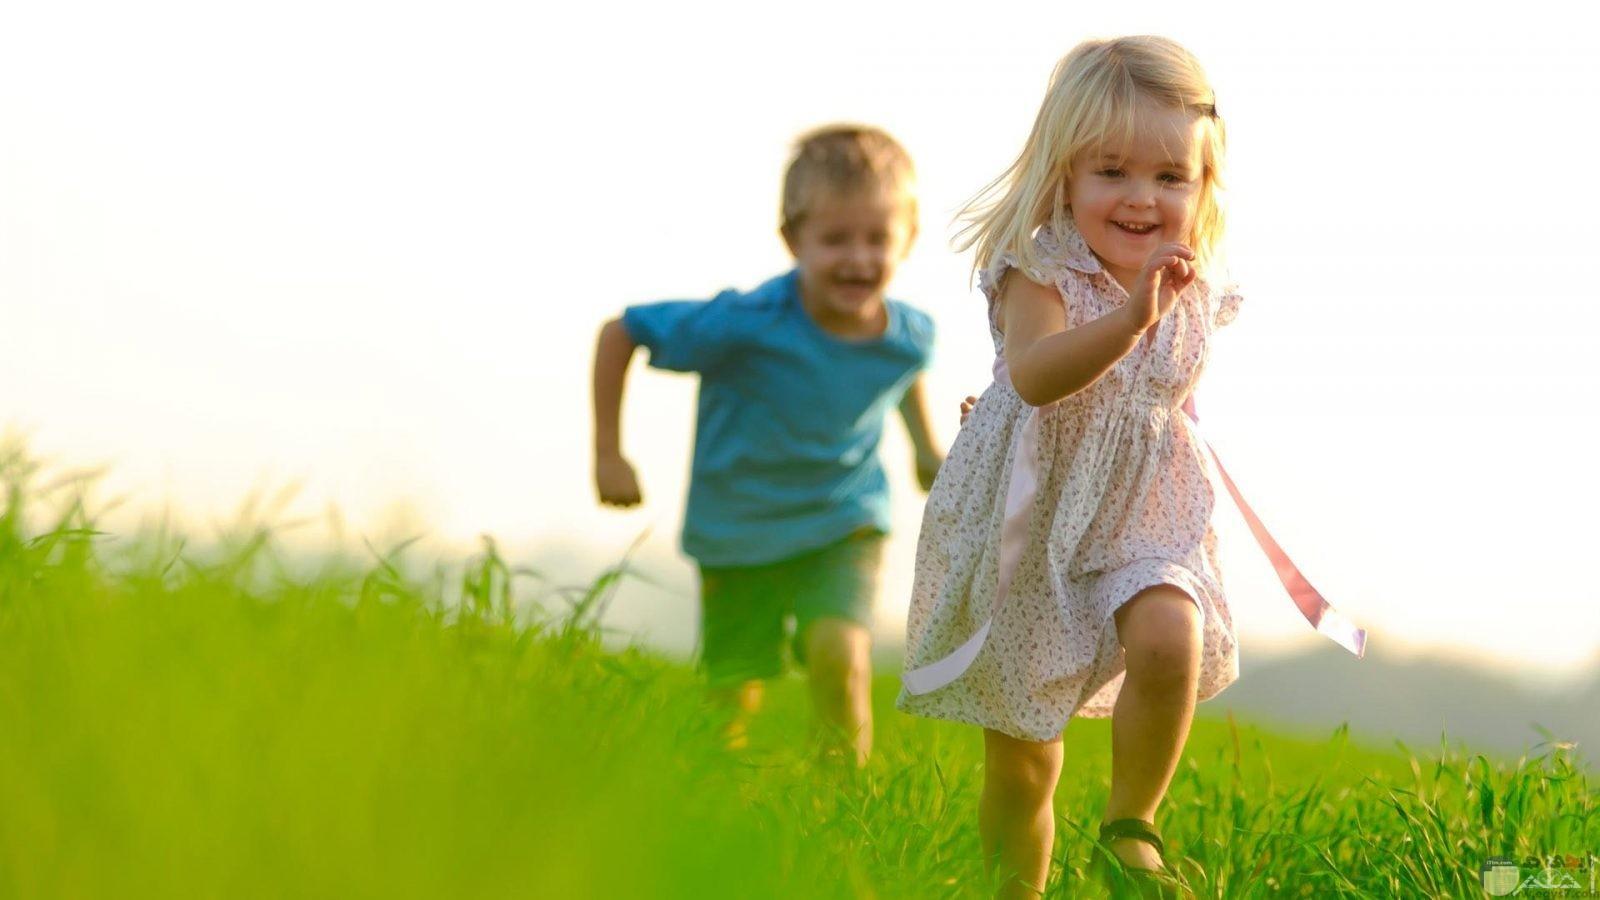 ولد يركض وراء بنت جميلة